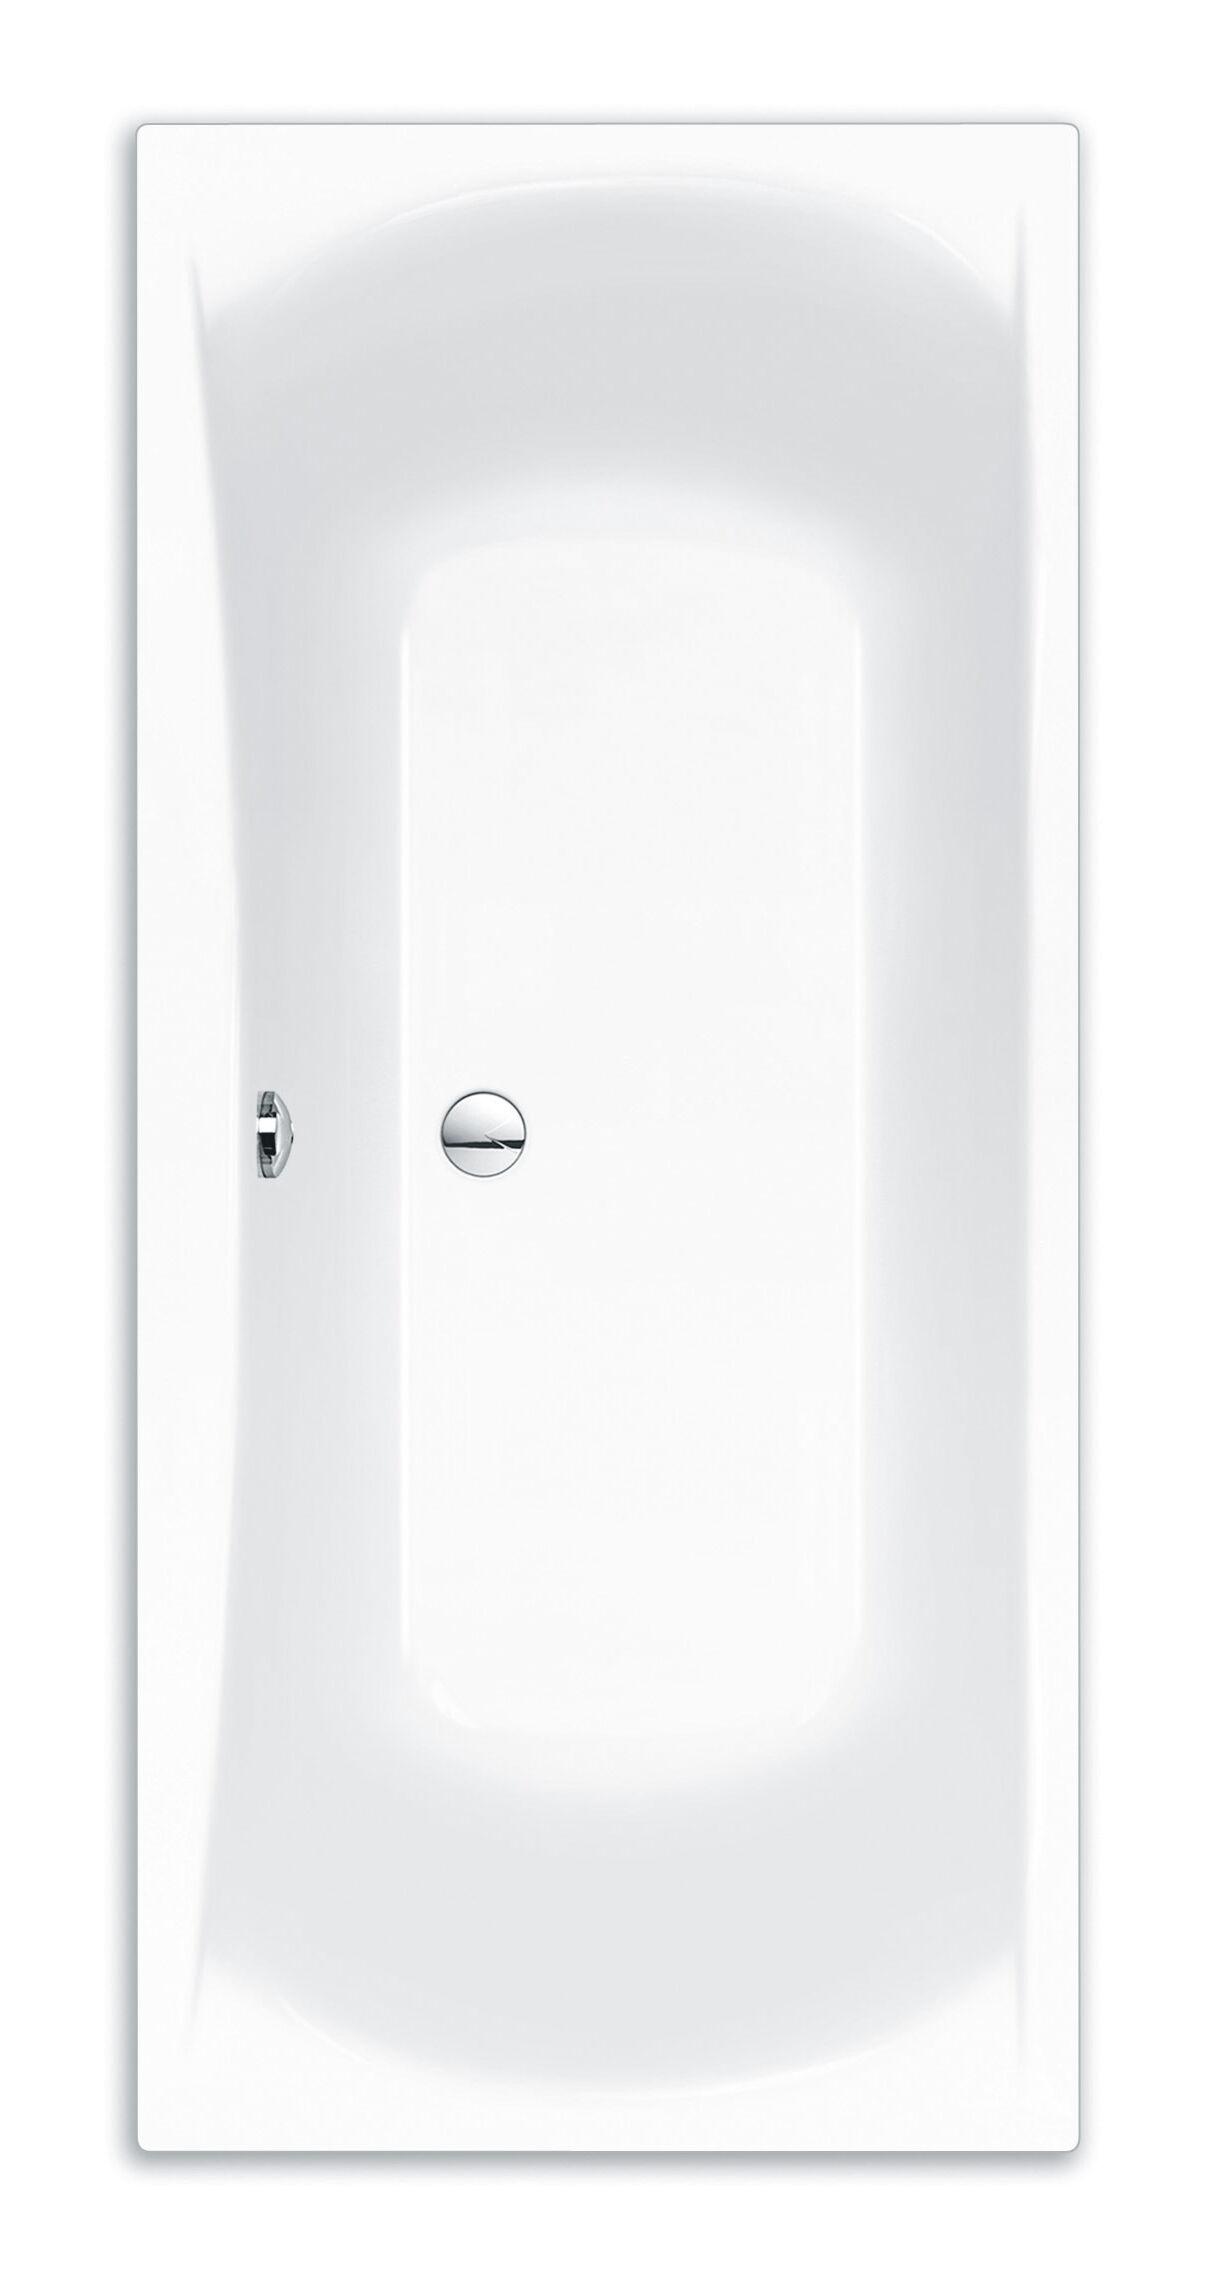 Repaboard Ablage für Wanne weiss 75 80 oder 90 cm für Badewanne